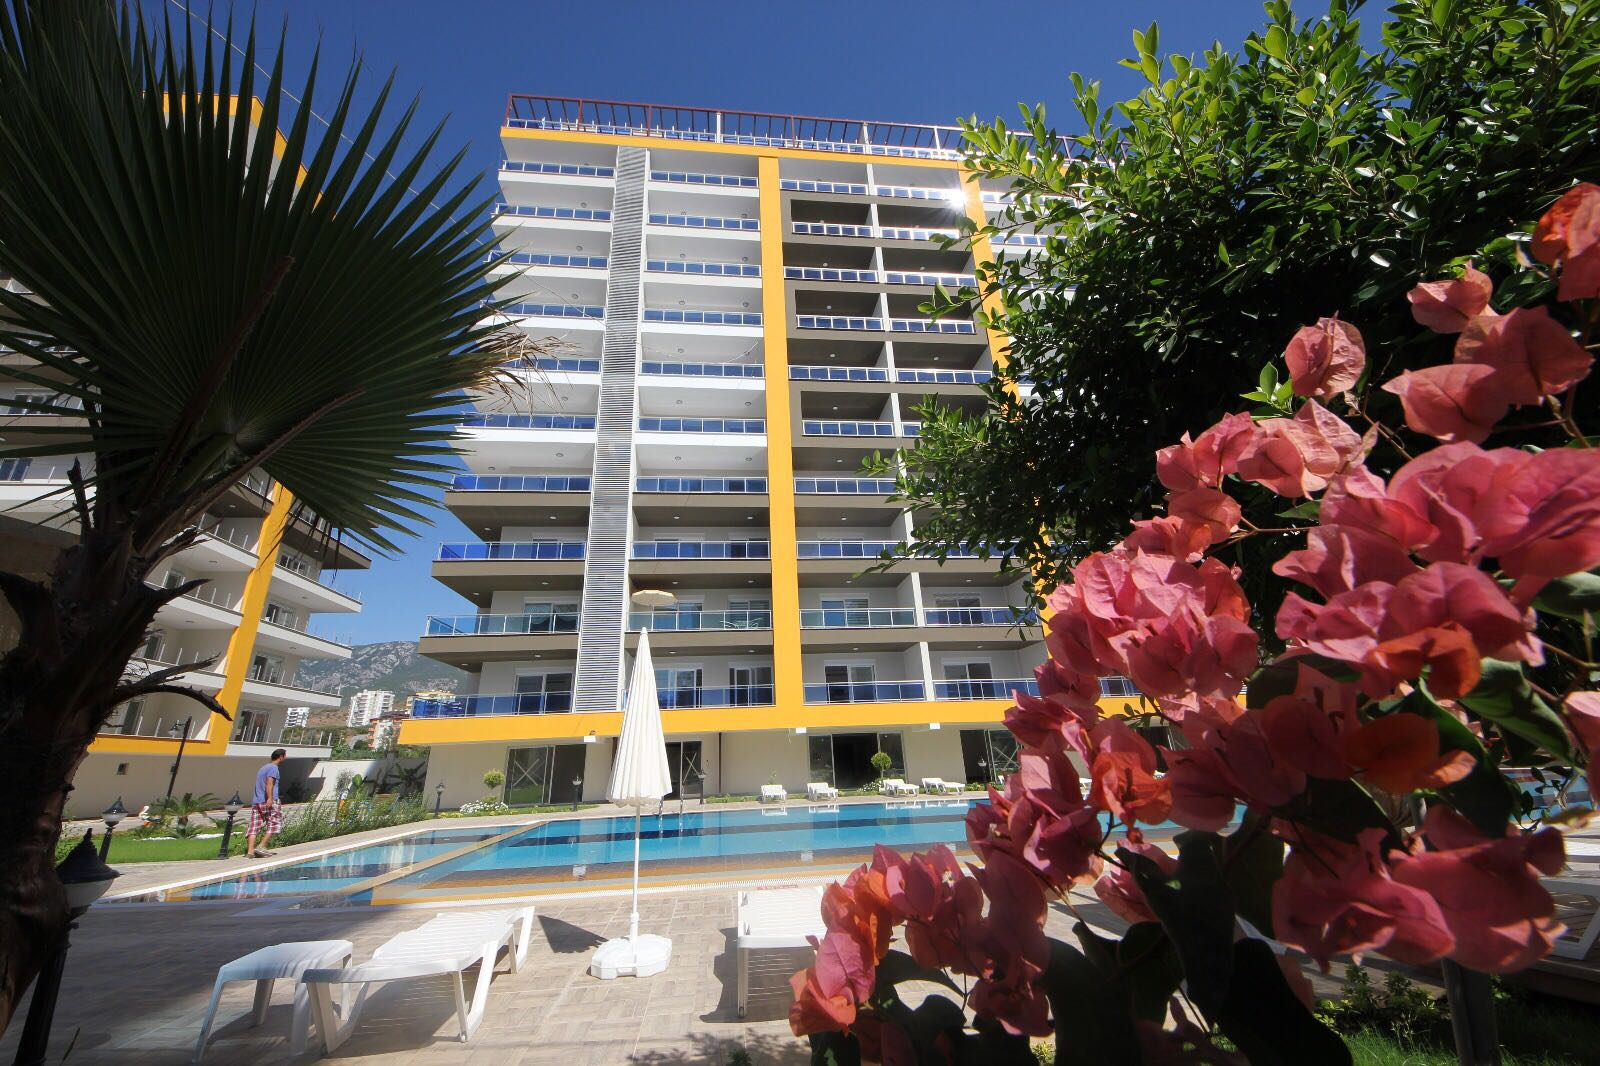 апартаменты 2+1 в ЖК Golden Sun Deluxe, стоимостью 80 000 евро